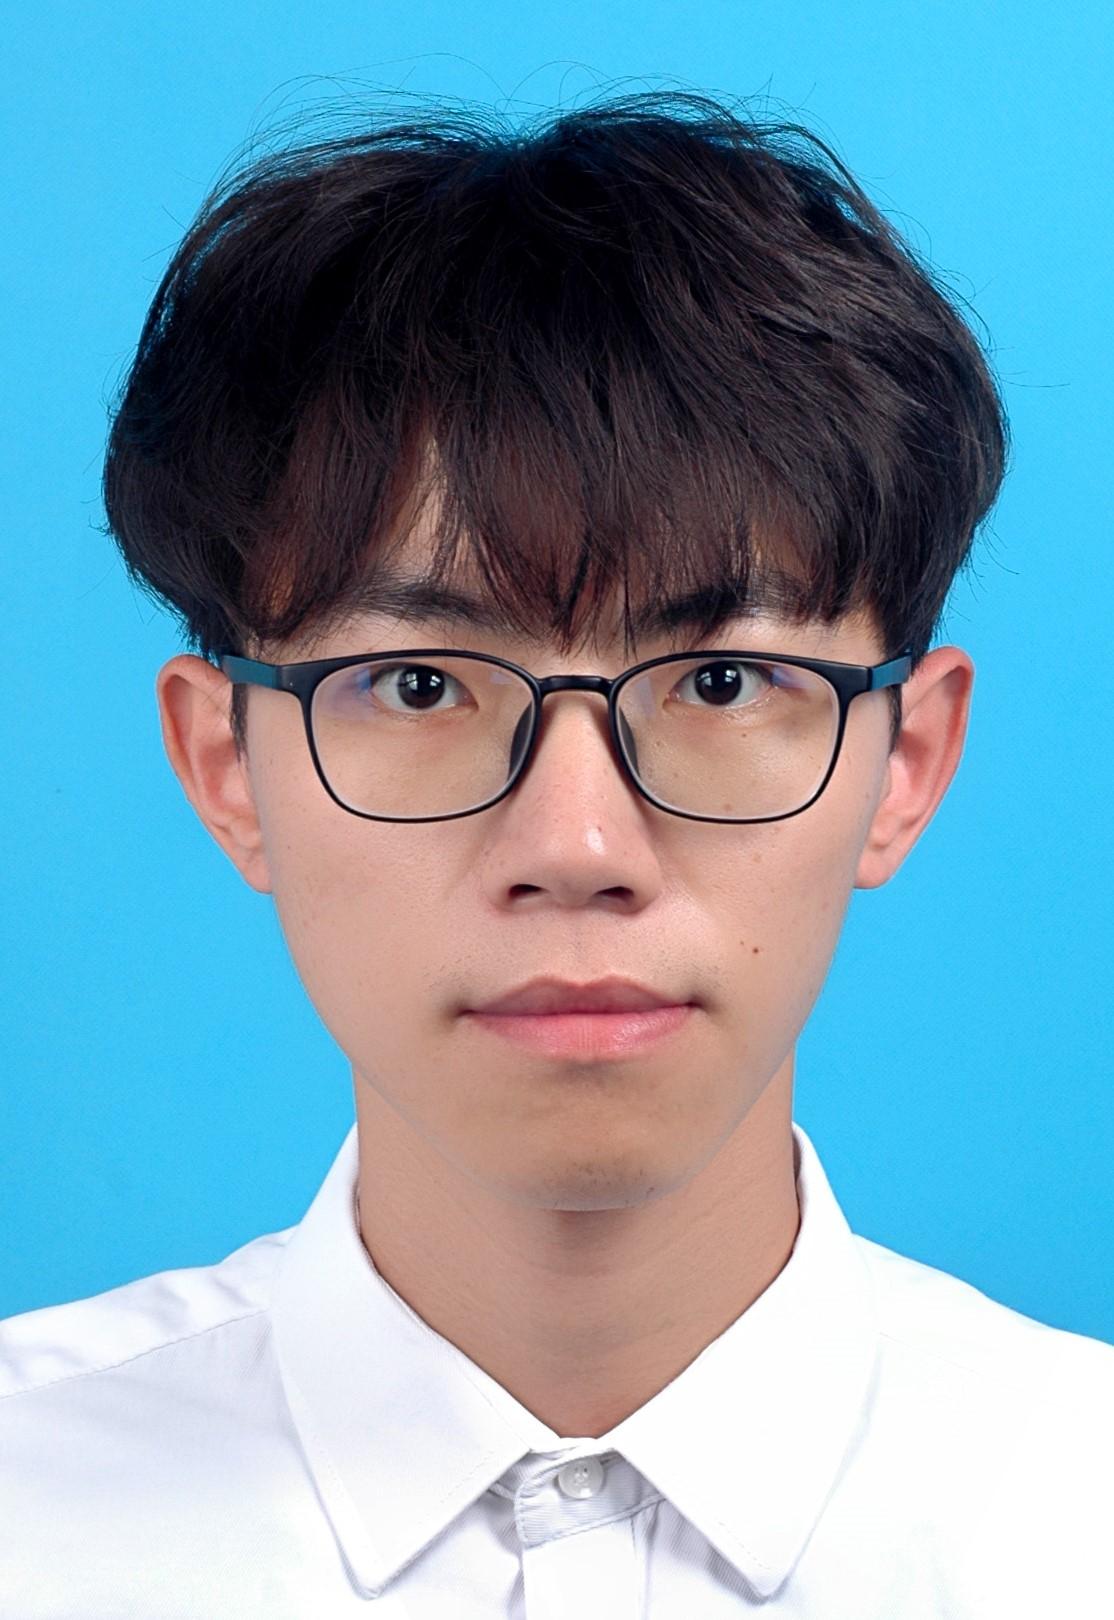 广州家教潘教员